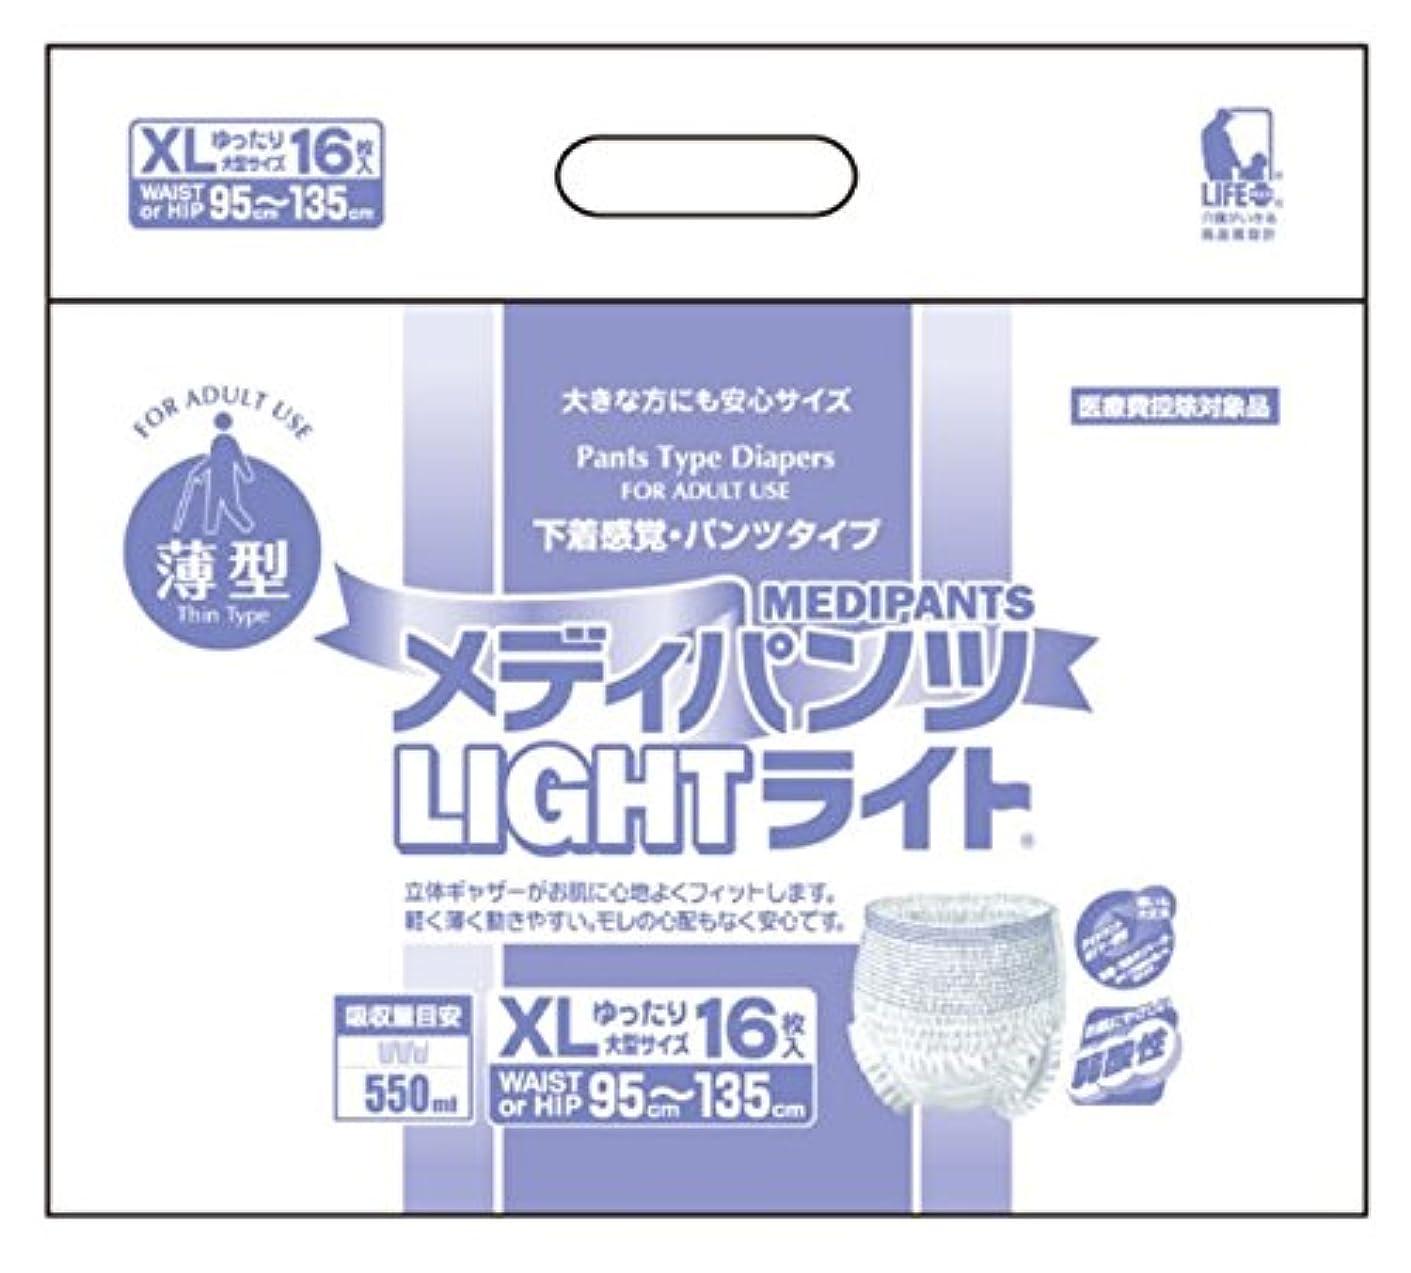 意識方言機密近澤製紙 チカザワ メディパンツライト XL16 1ケース(4袋)セット売り